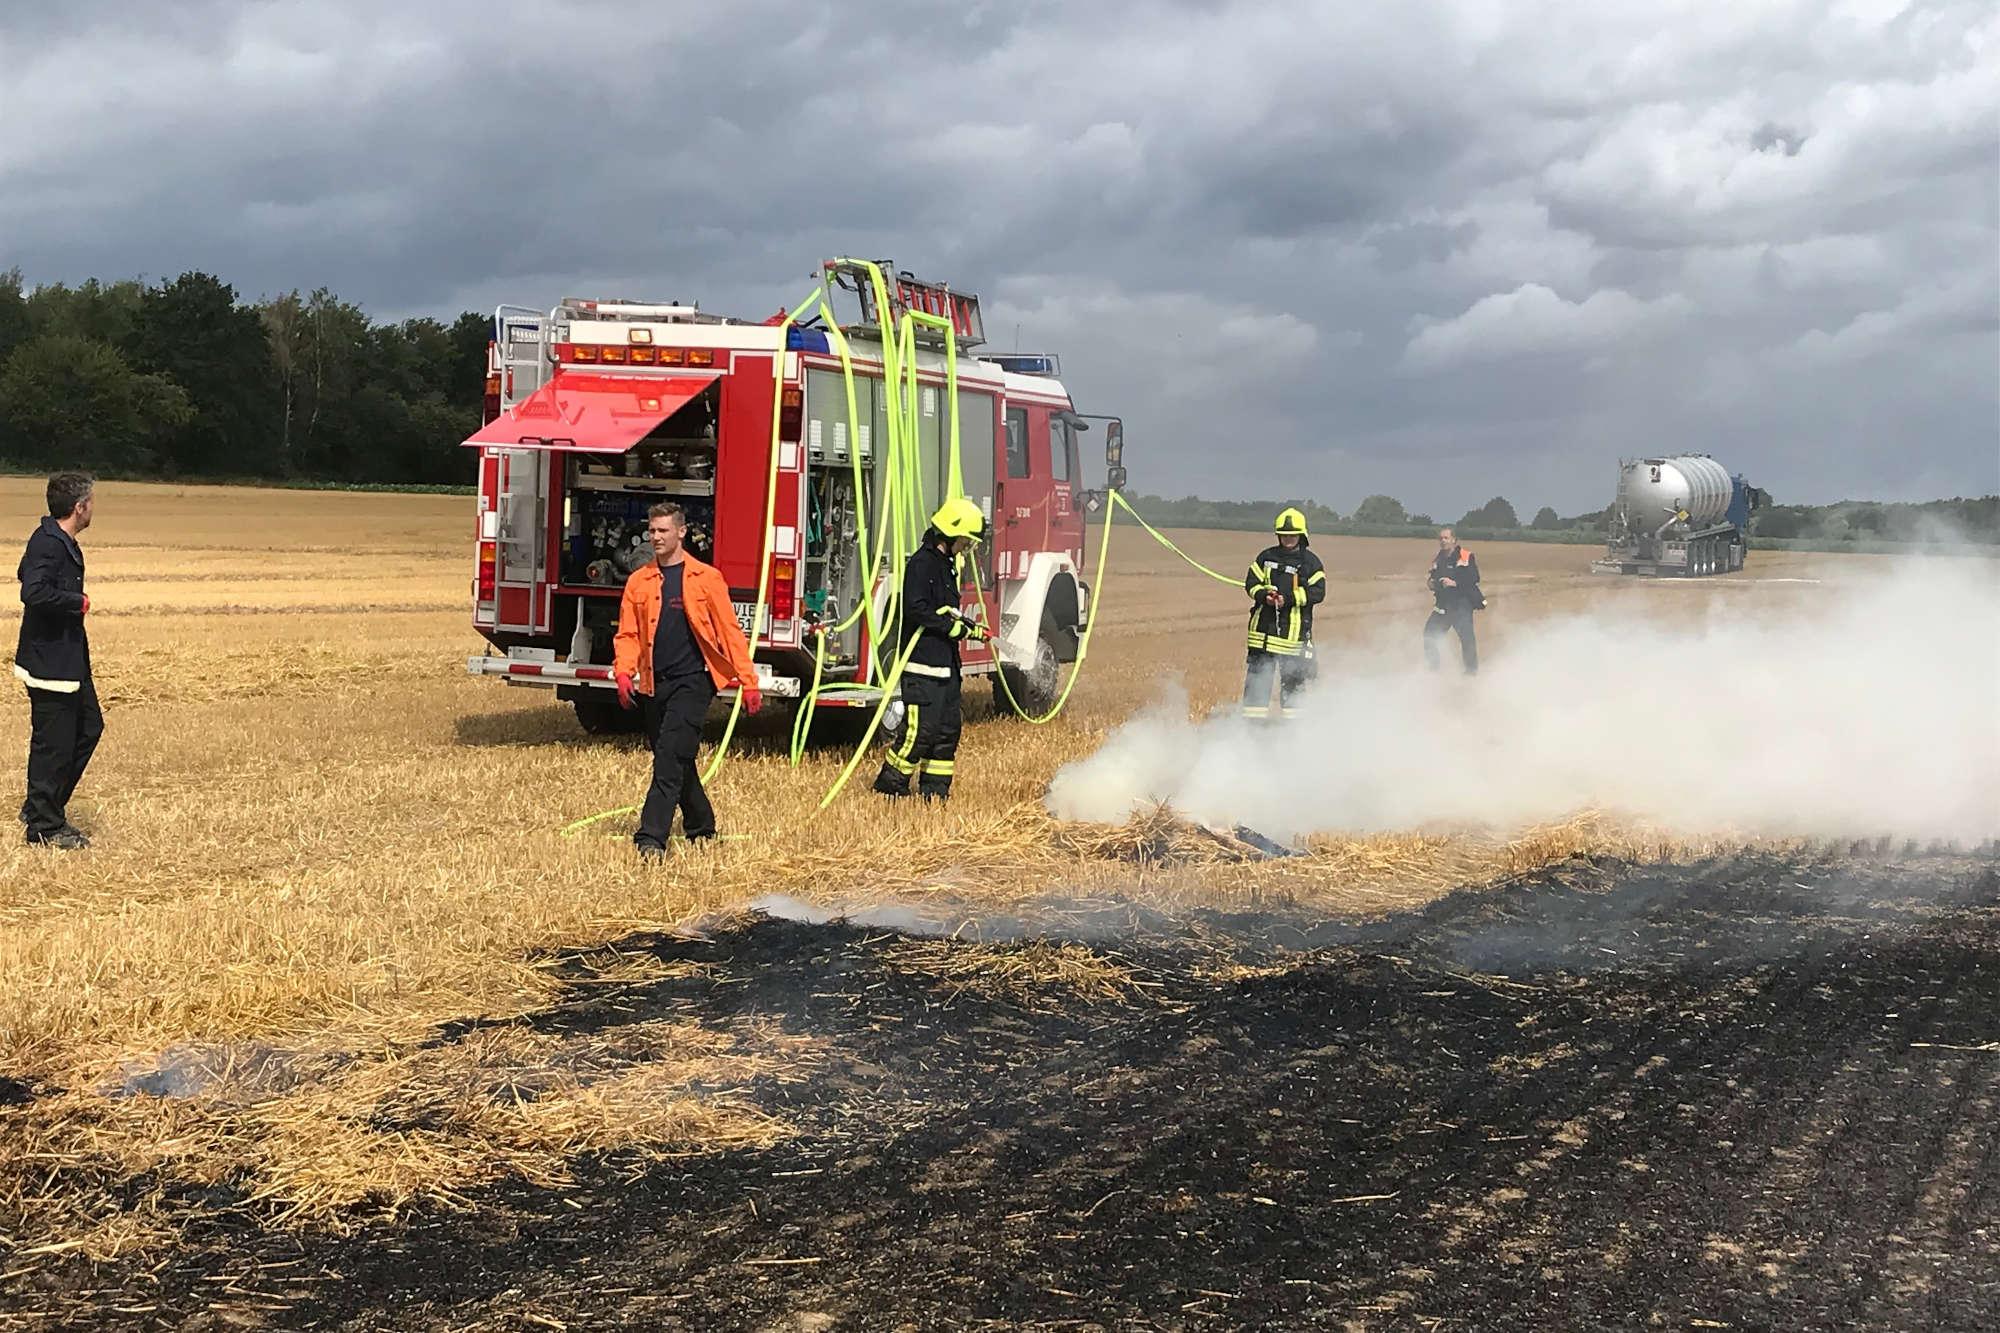 Die Feuerwehr Niederkrüchten beim Löschen eines Feldbrandes. (Foto: Kreis Viersen)